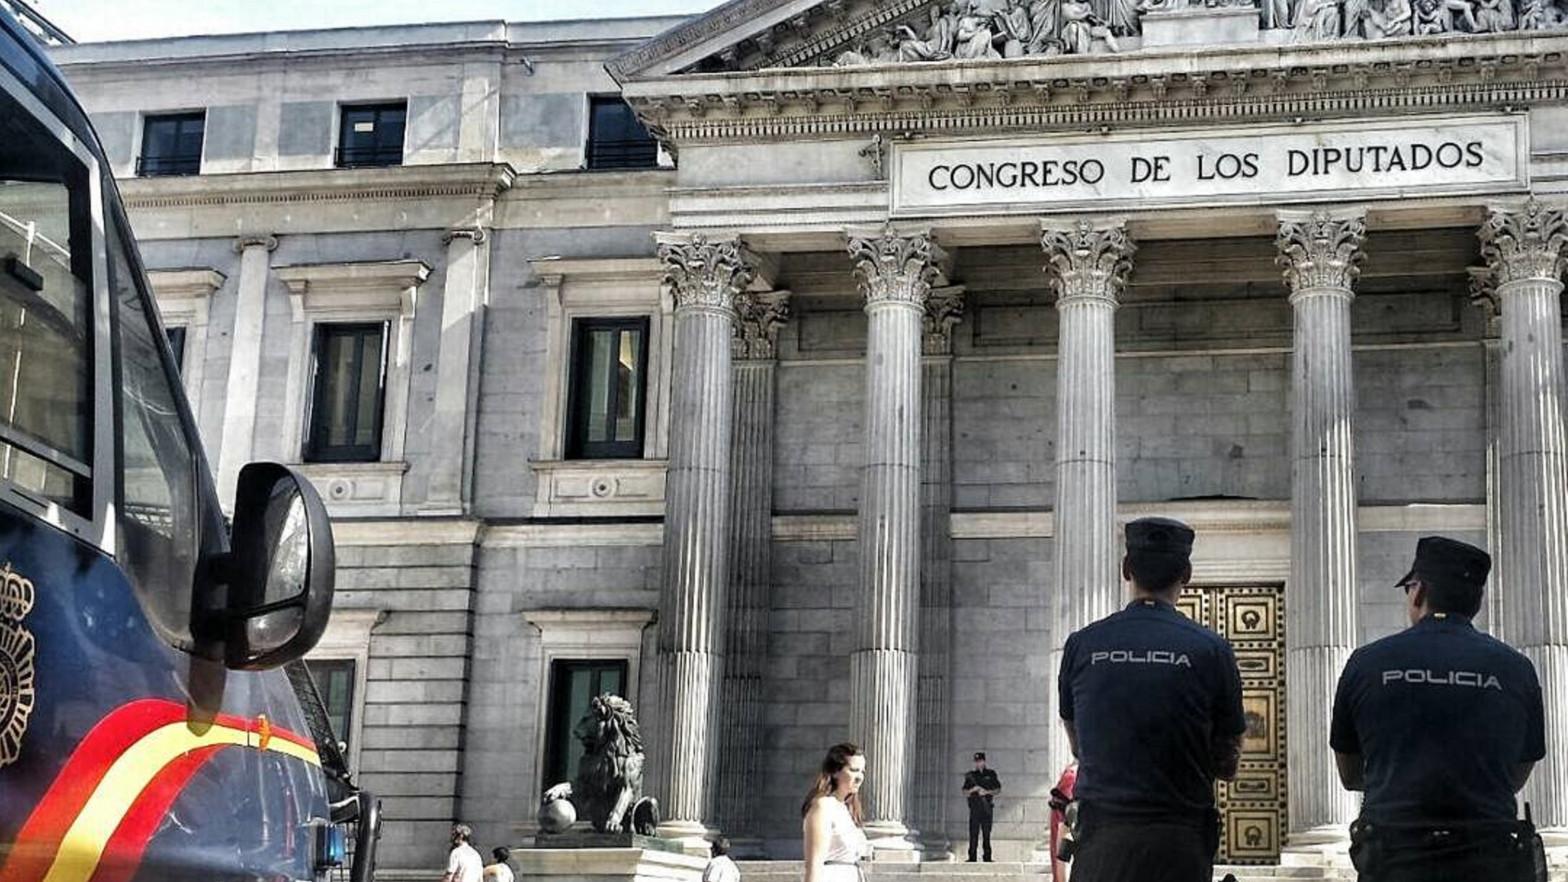 Agentes de la Policía Nacional frente al Congreso de los Diputados